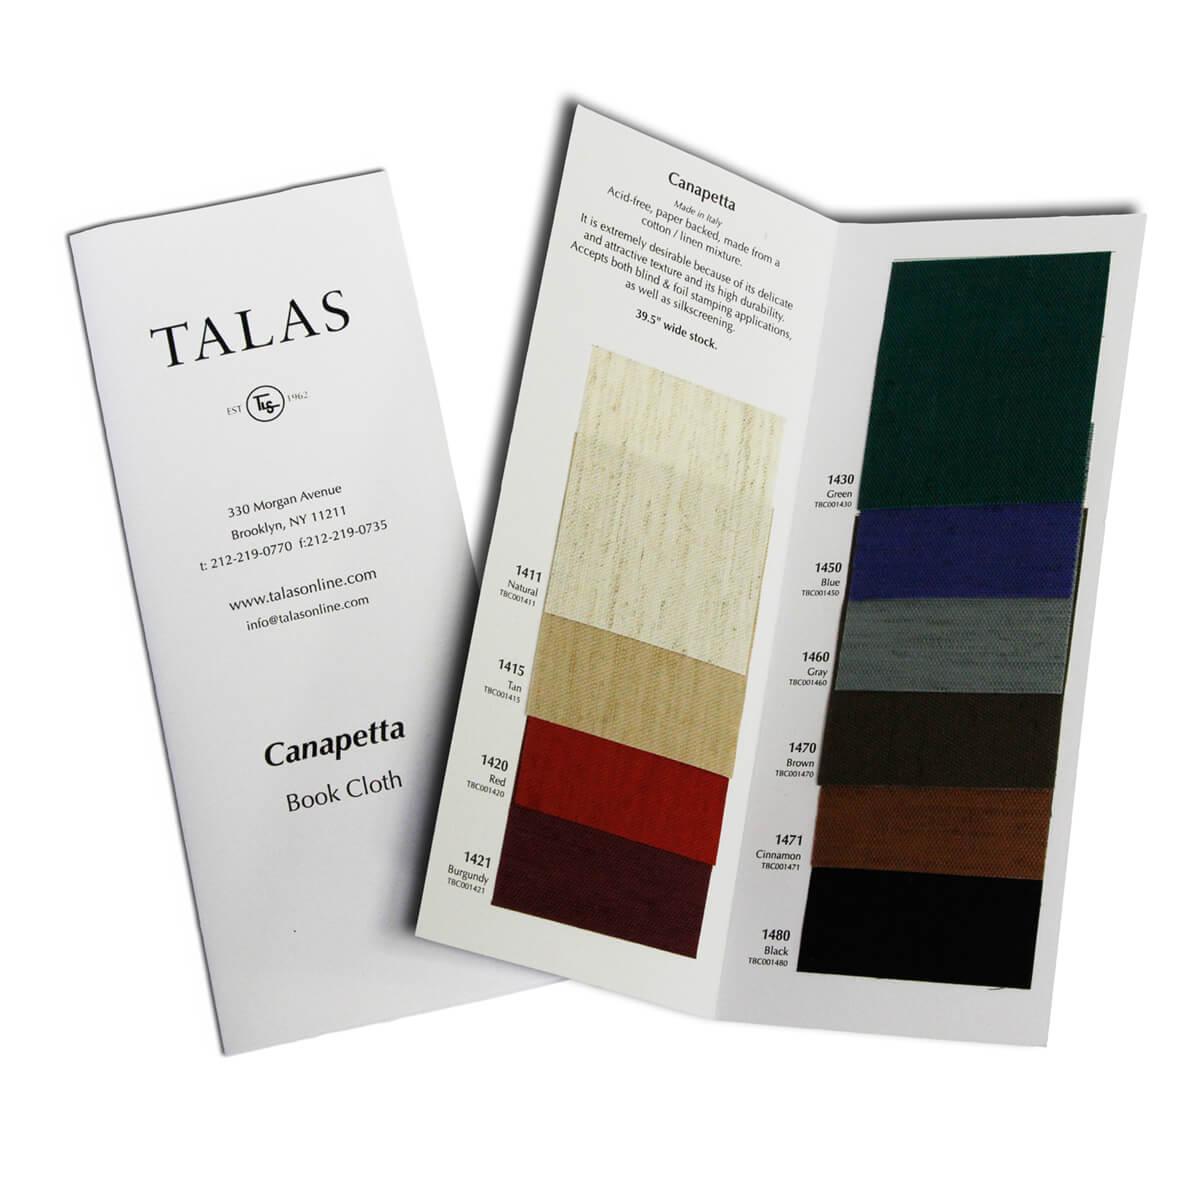 Canapetta Bookcloth Sample Book Talas